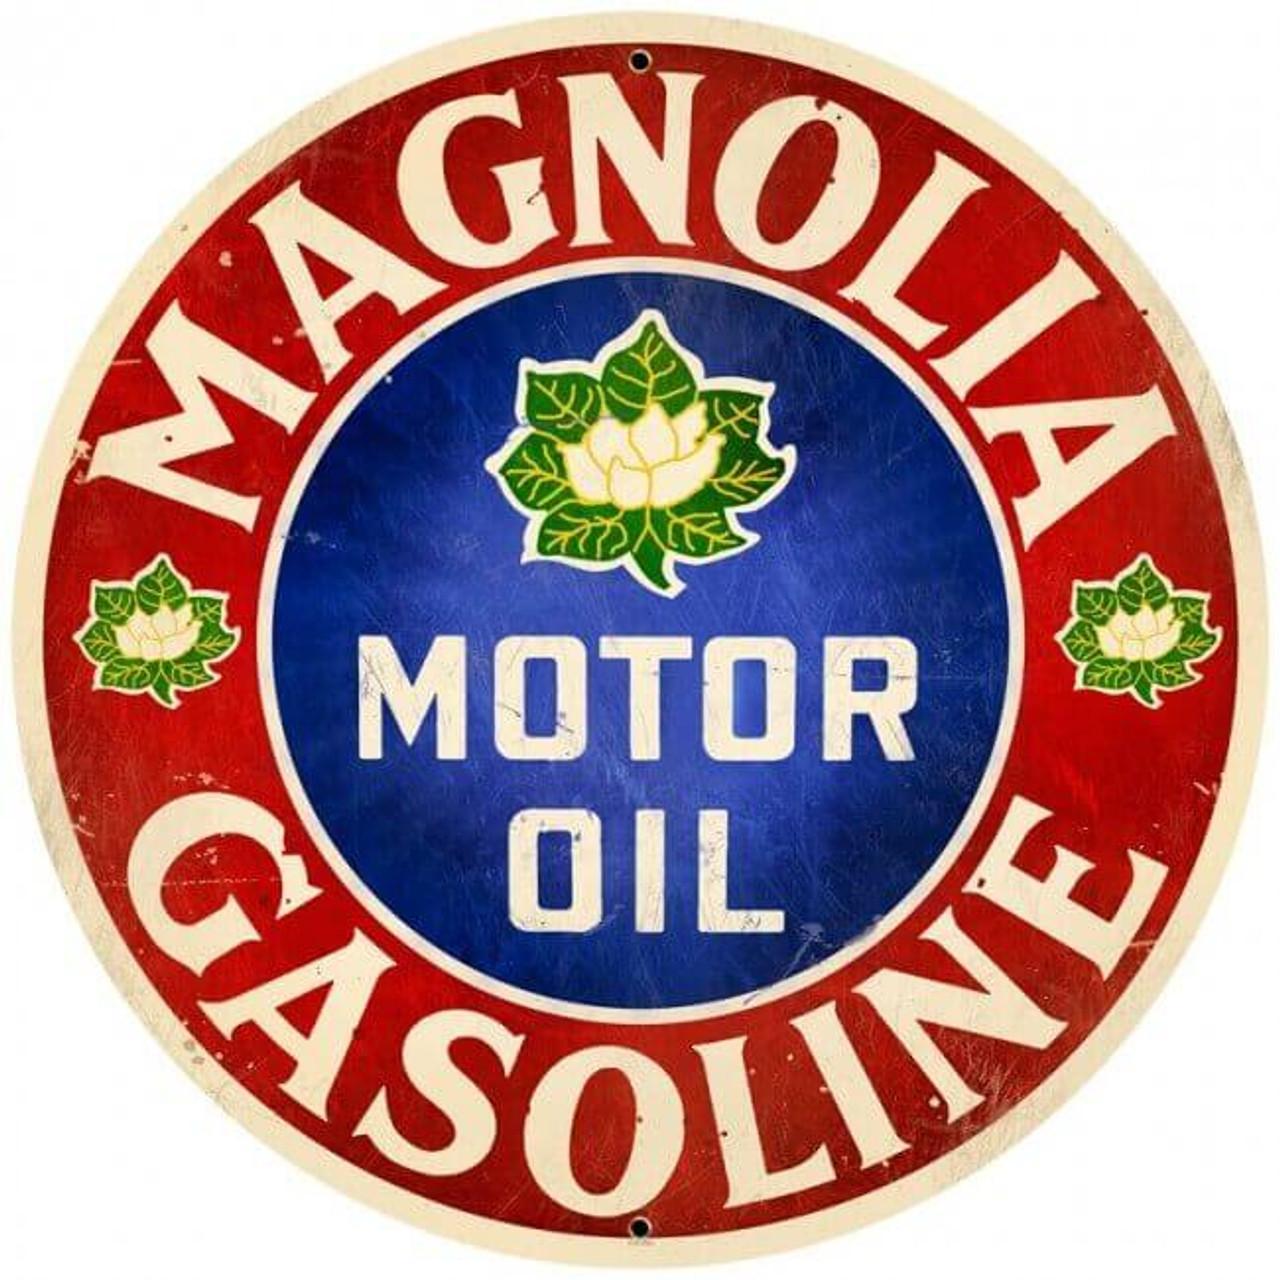 Retro Magnolia Motor Oil  Round Metal Sign 28 x 28 inches